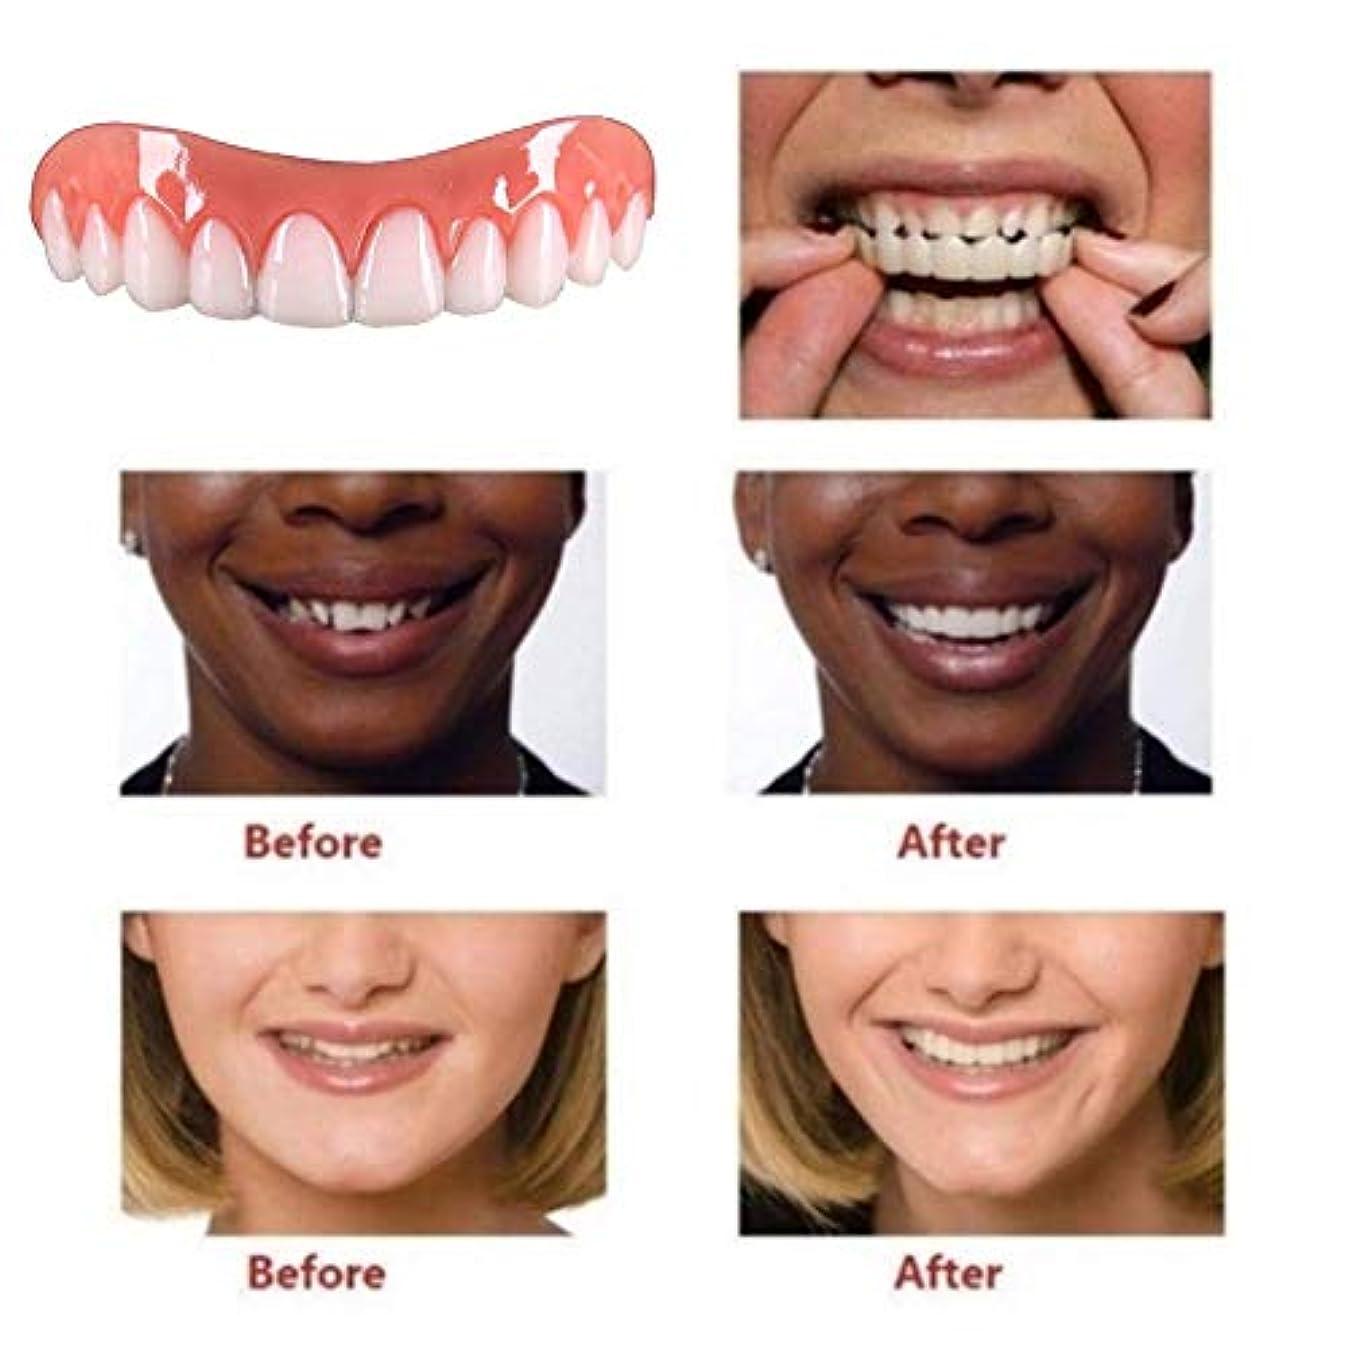 思慮のない複数下品3個のアッパーシリカゲルフェイク歯パーフェクトスマイルフィットスナップインホワイトニングコンフォートスマイルコスメティックデンタル